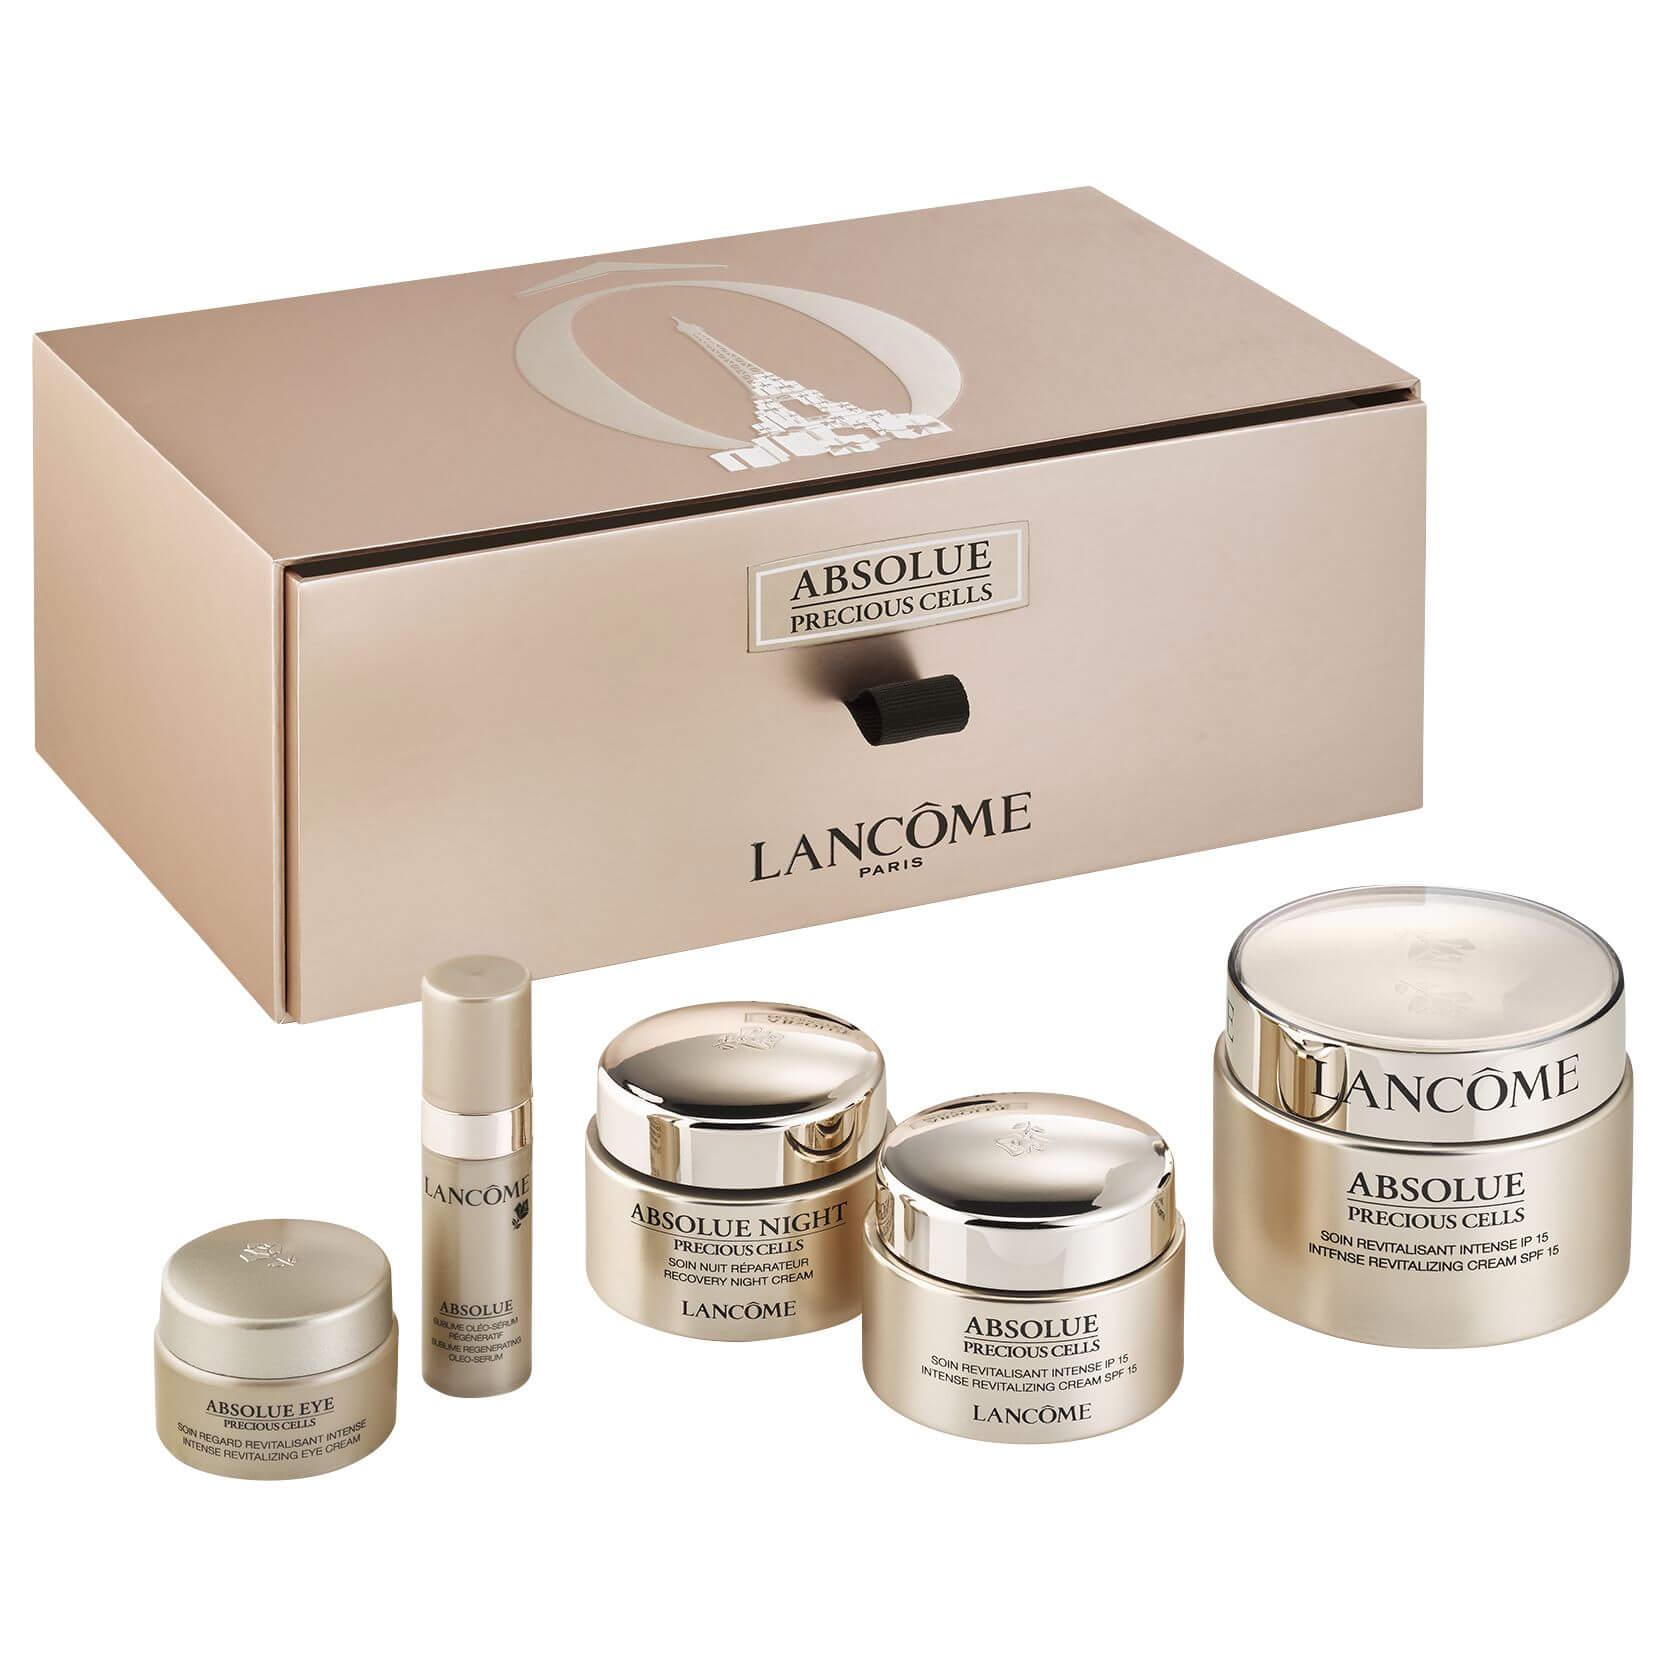 LANCOME Absolue Christmas Gift Set